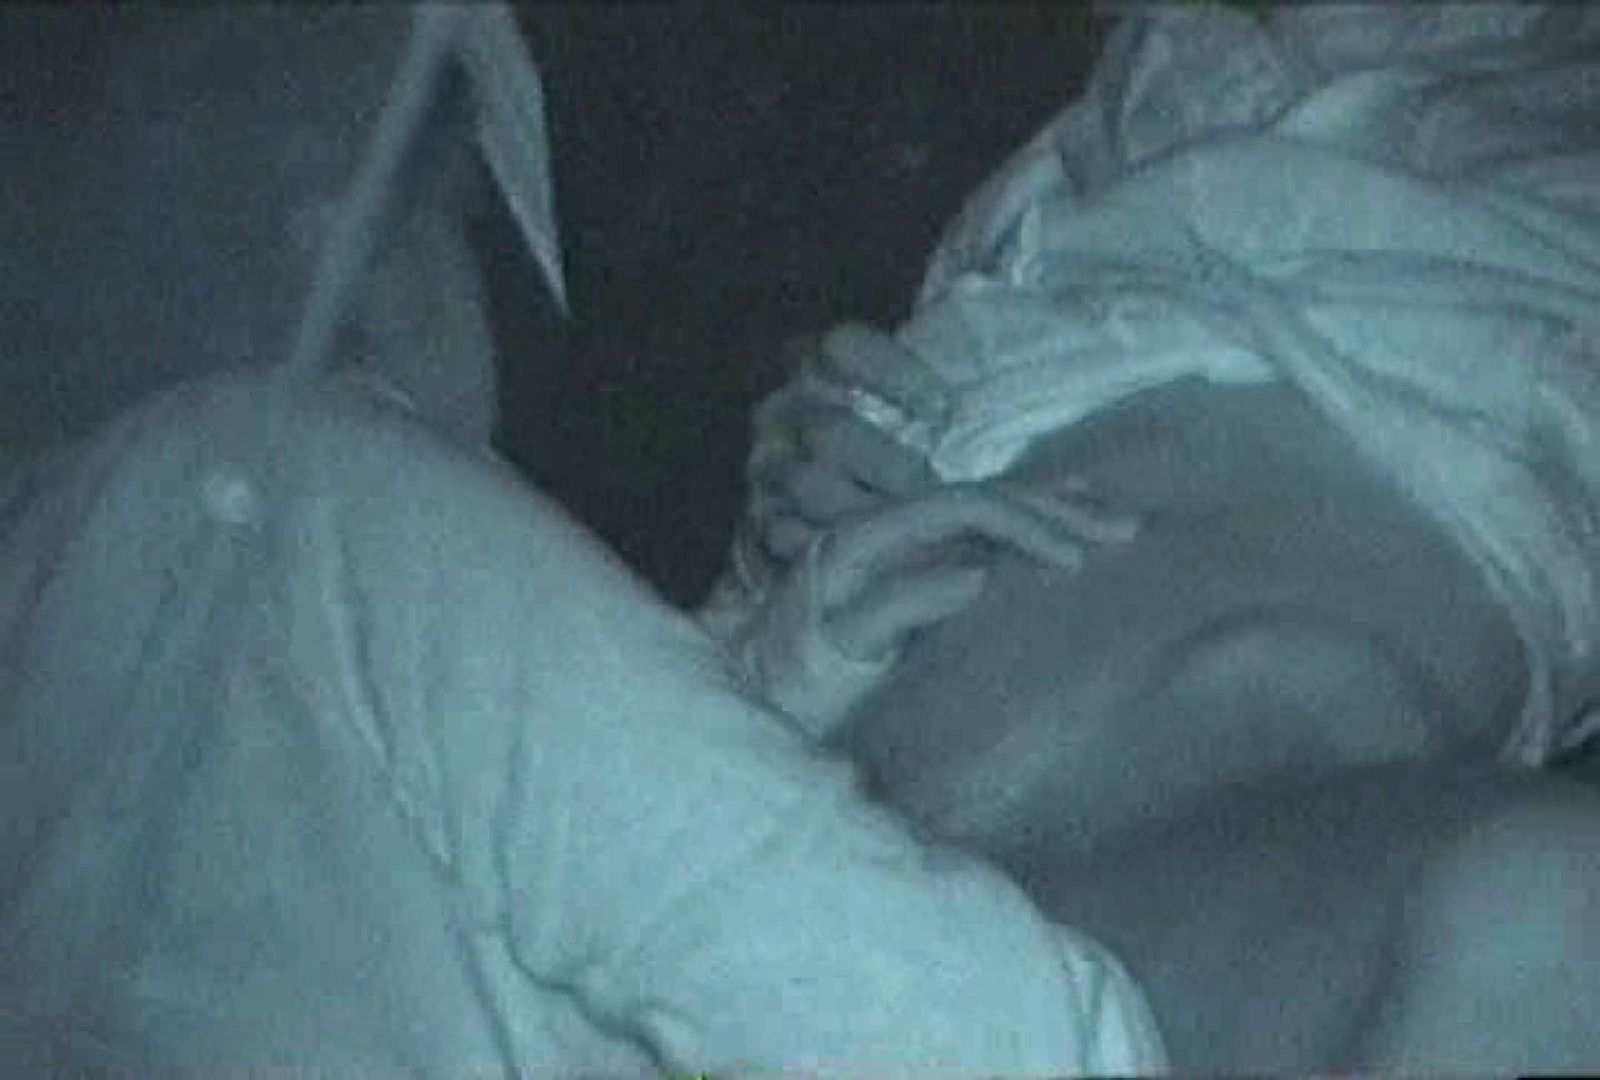 充血監督の深夜の運動会Vol.97 カップル盗撮 性交動画流出 104画像 3